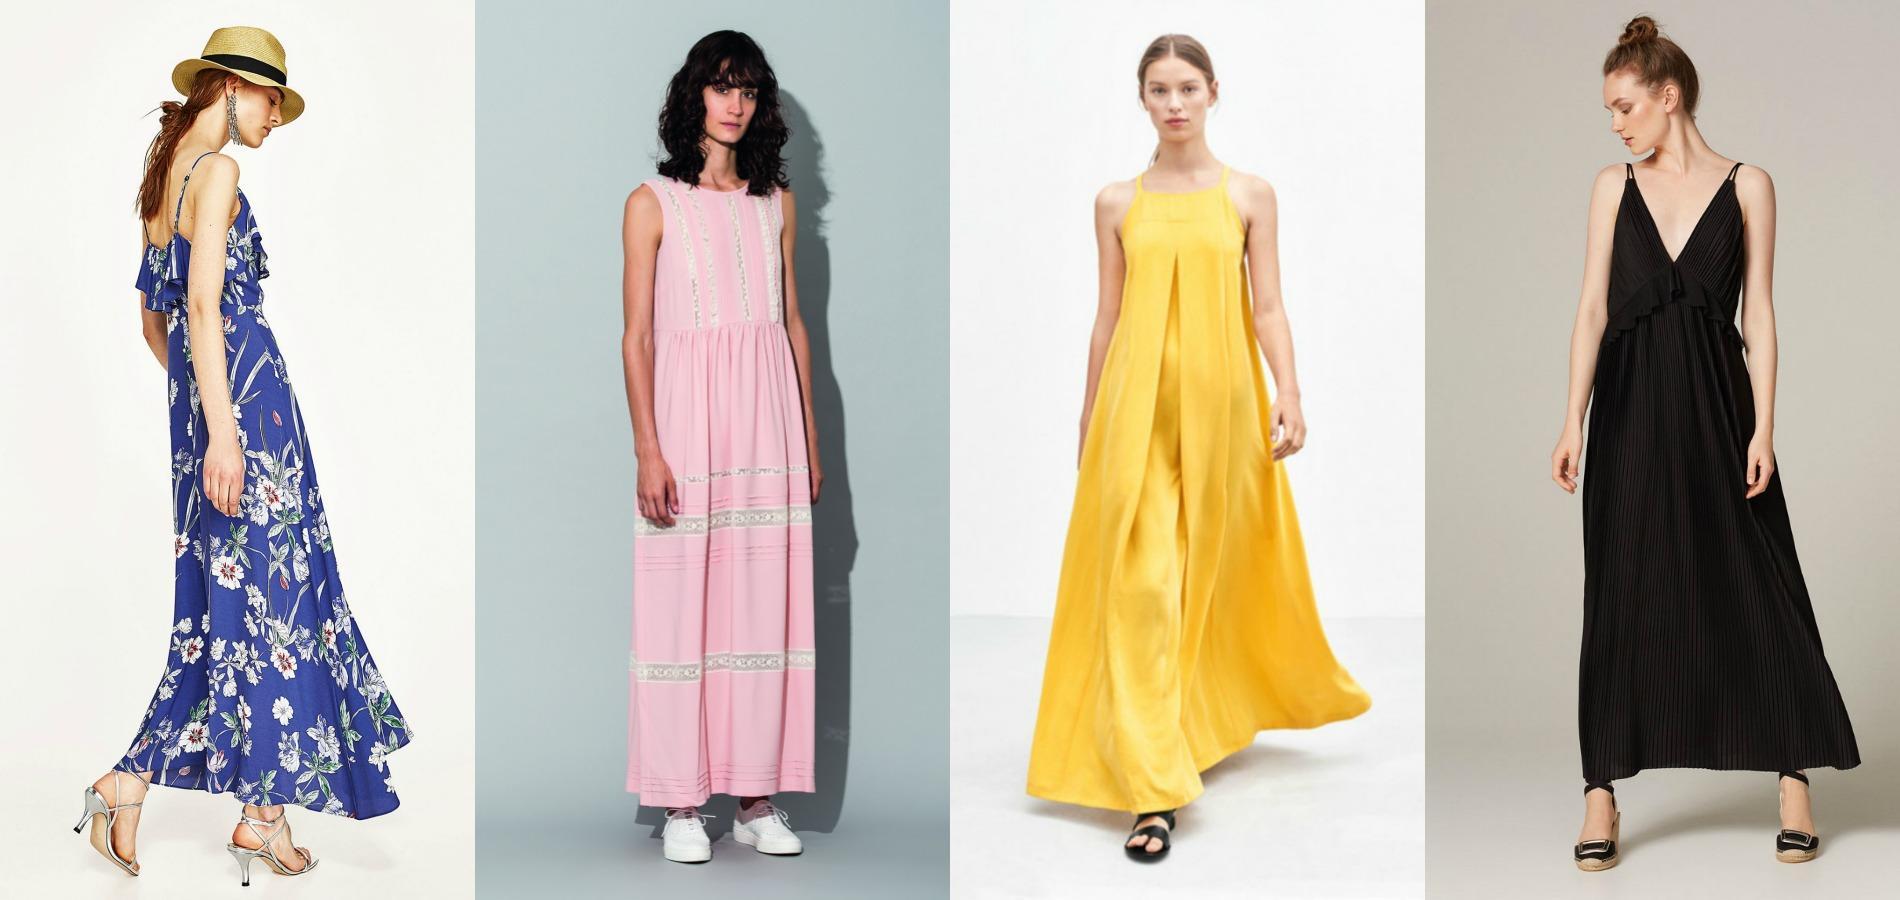 Comment porter une robe longue quand on est petite   - Madame Figaro 0e5b3e8a3b62